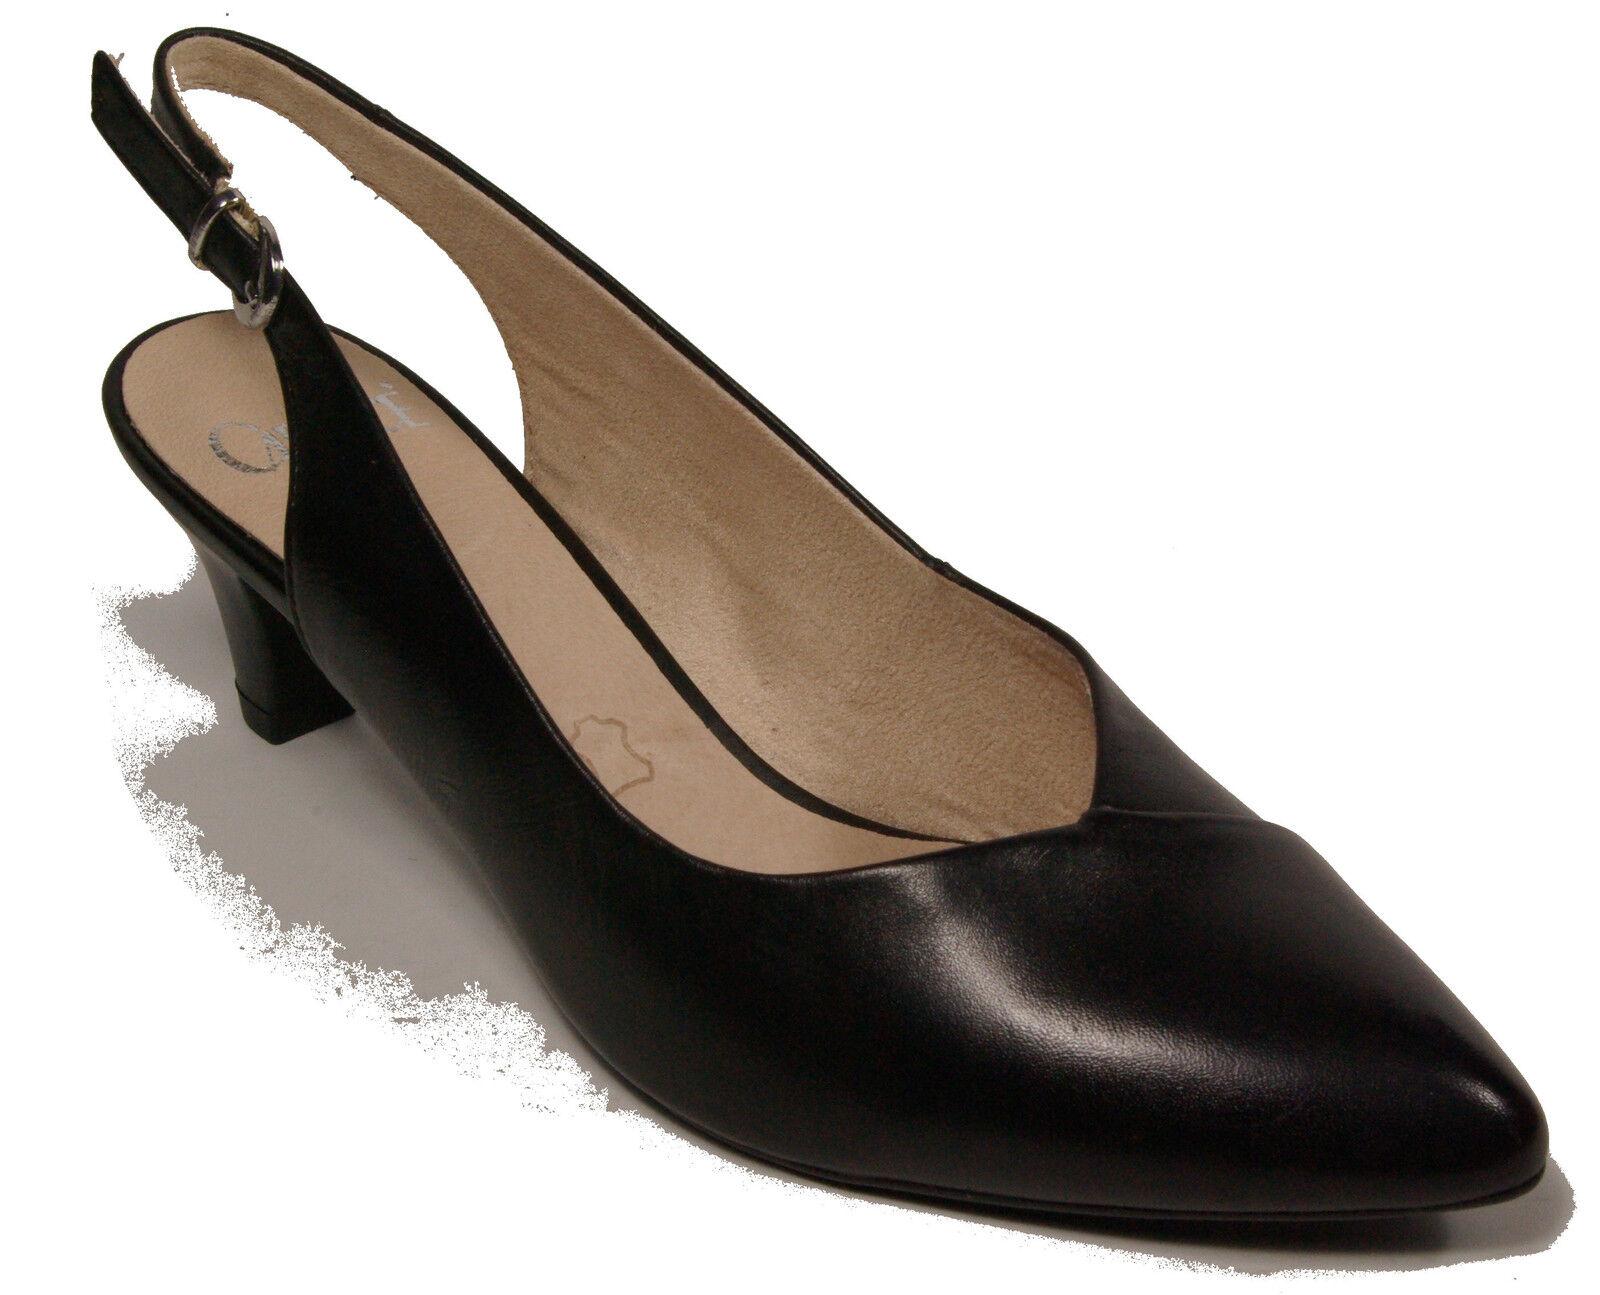 CAPRICE Schuhe Sling Pumps Schwarz echt Leder - laufen auf Luft - NEU